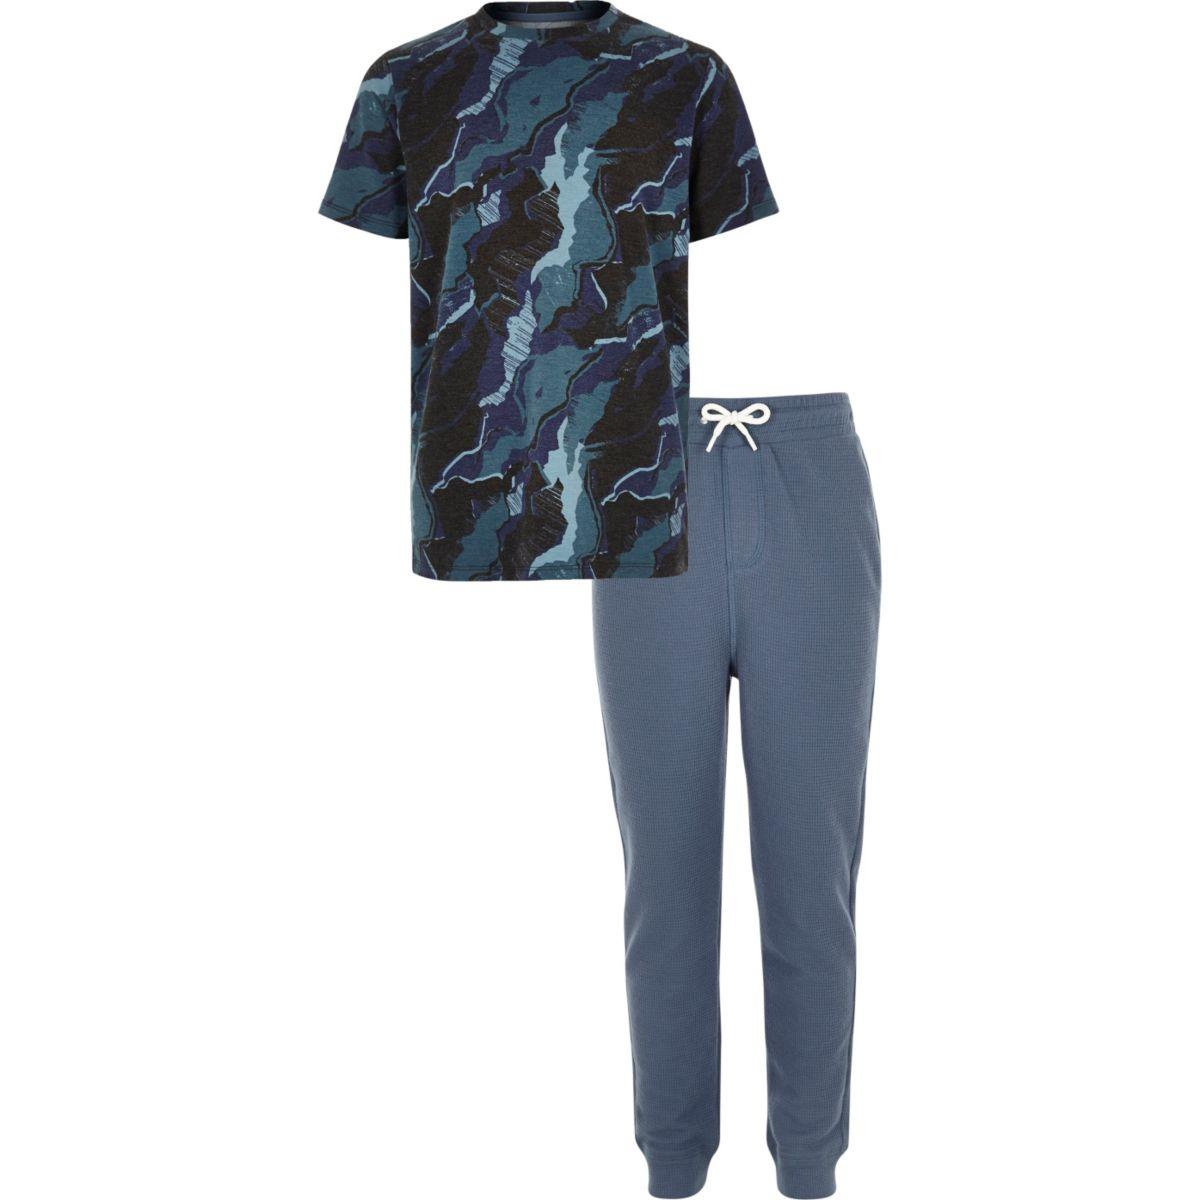 Boys blue camo pajama set